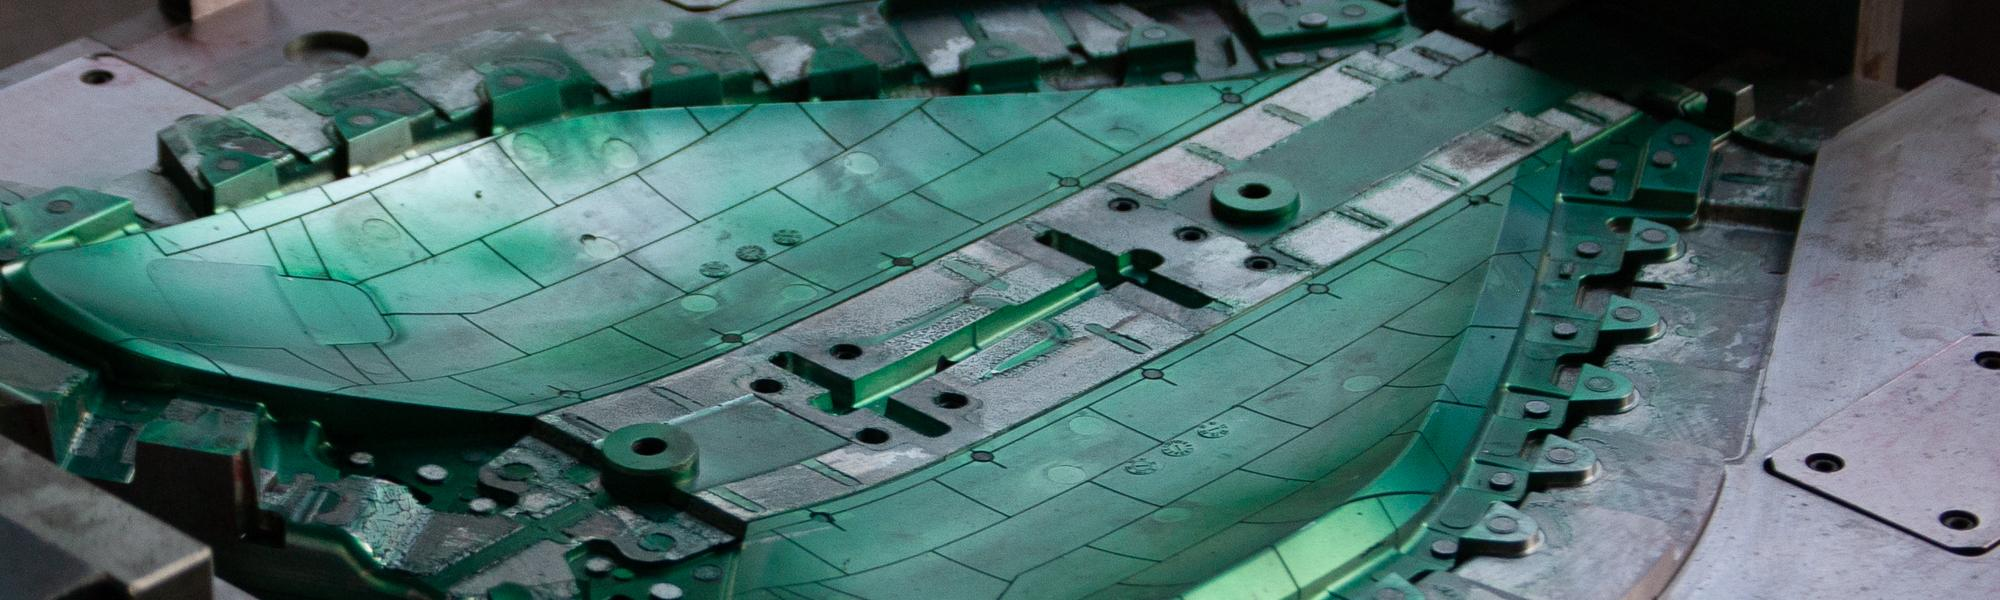 Spritzguss Werkzeugbau Teilefertigung Engineering.jpg